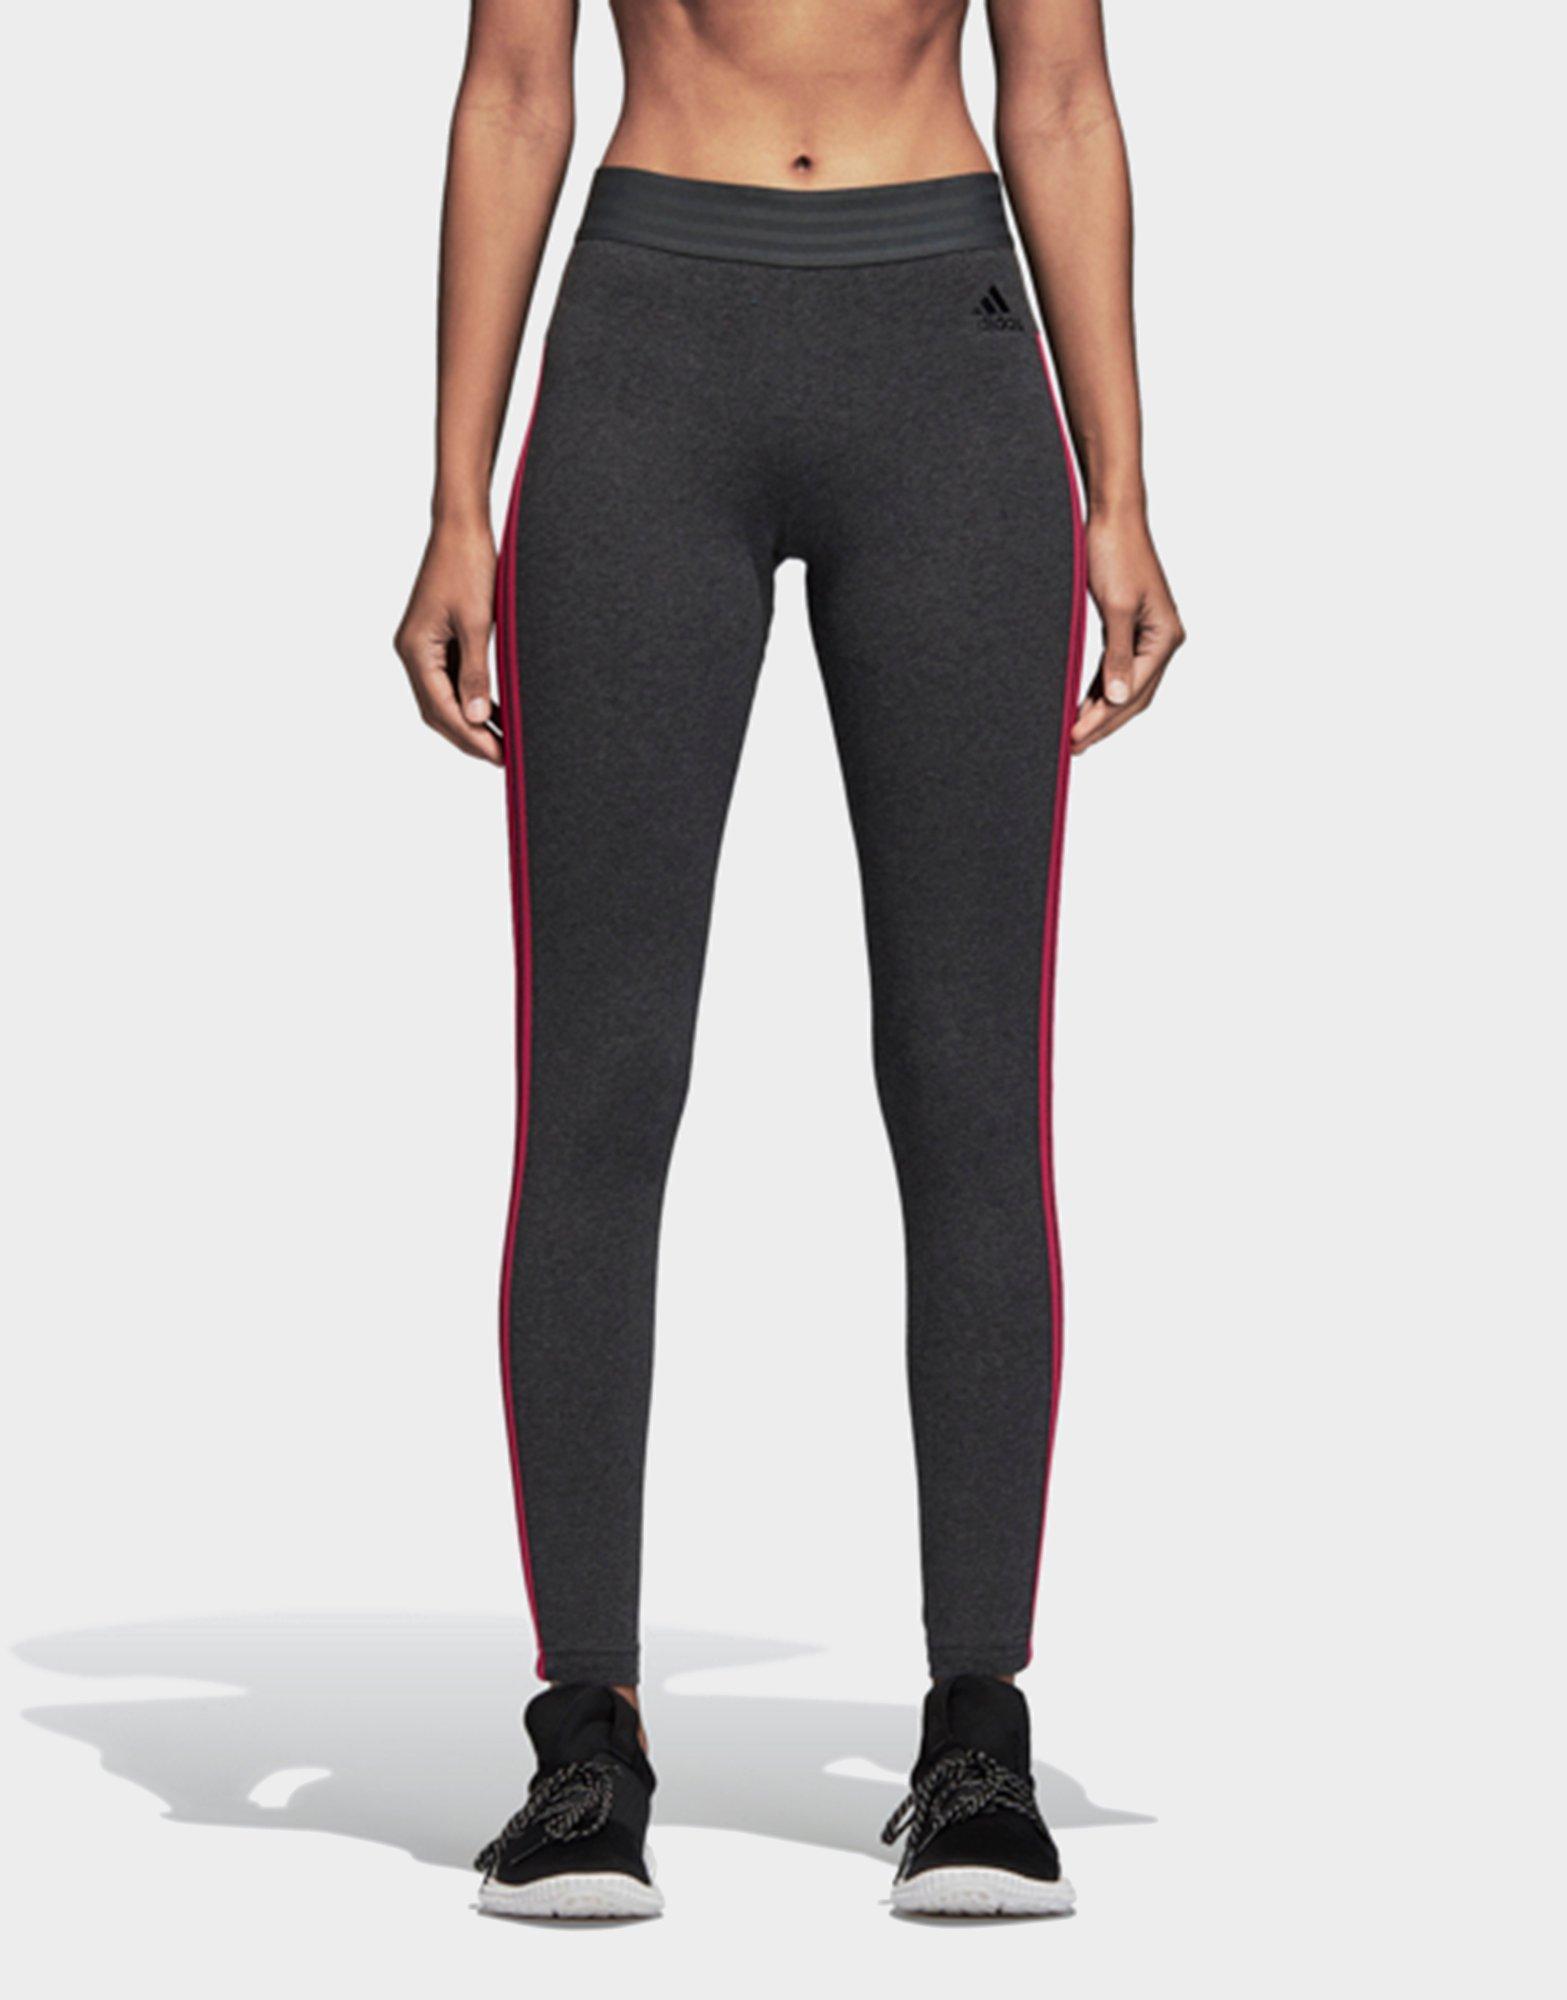 b0c240618c6fa Adidas Essentials 3 Stripes Tights in Gray - Lyst